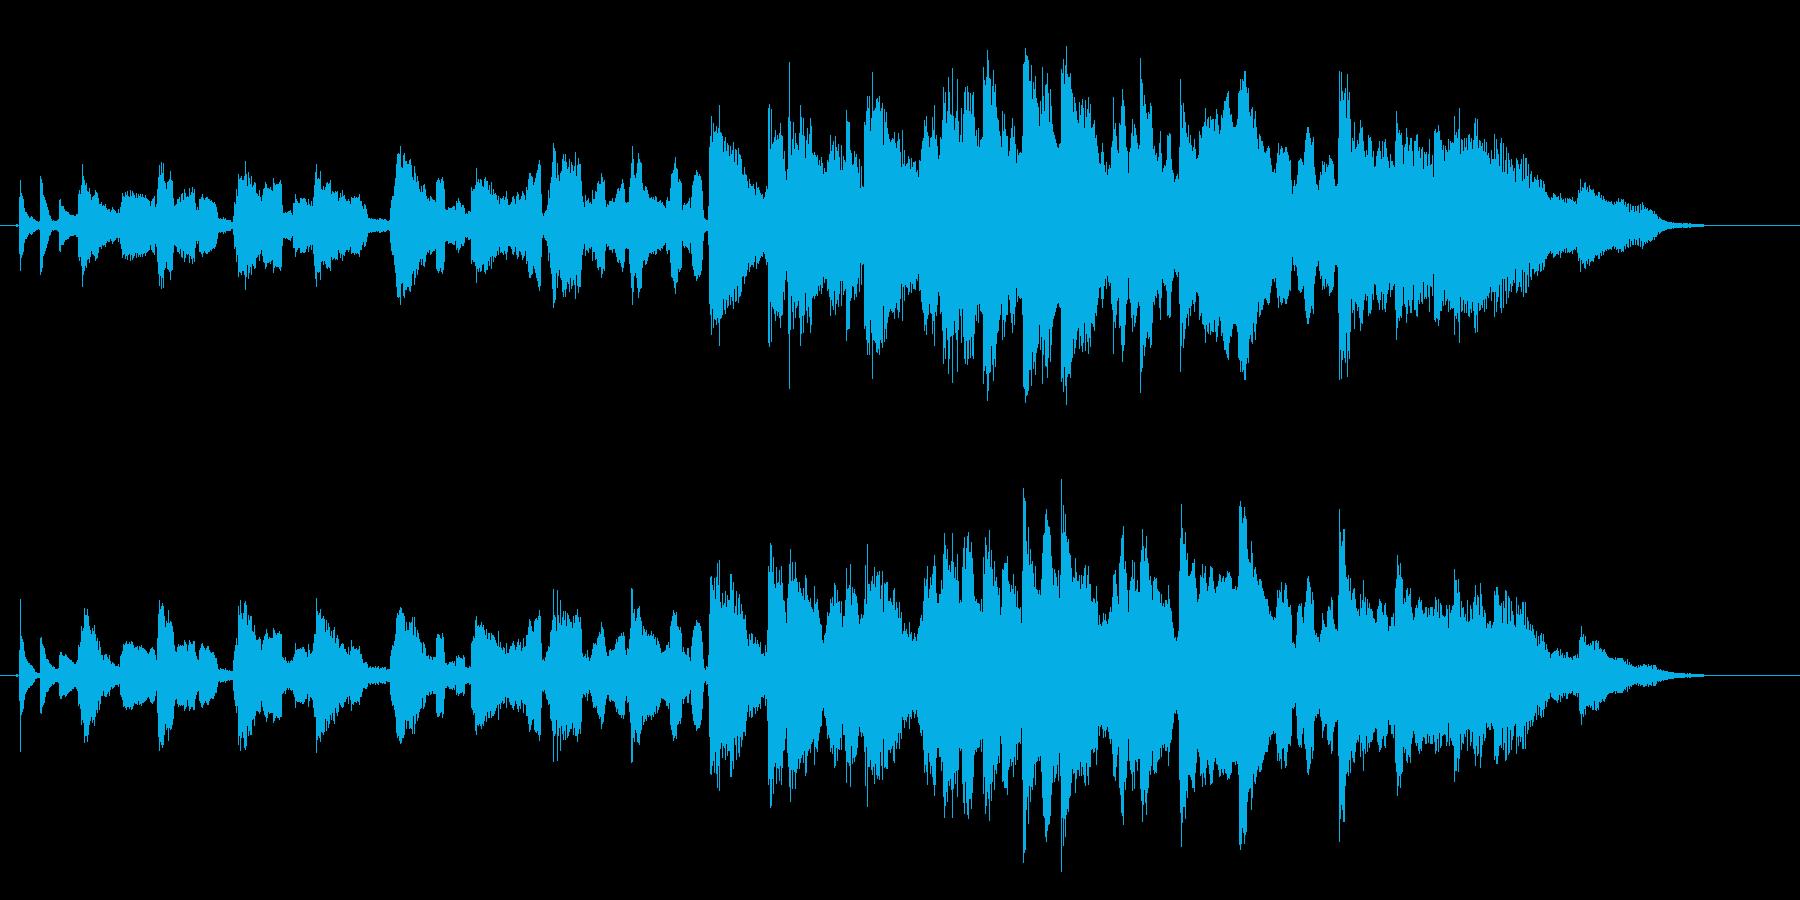 ・ボーカルとピアノのみの、シンプルな楽…の再生済みの波形